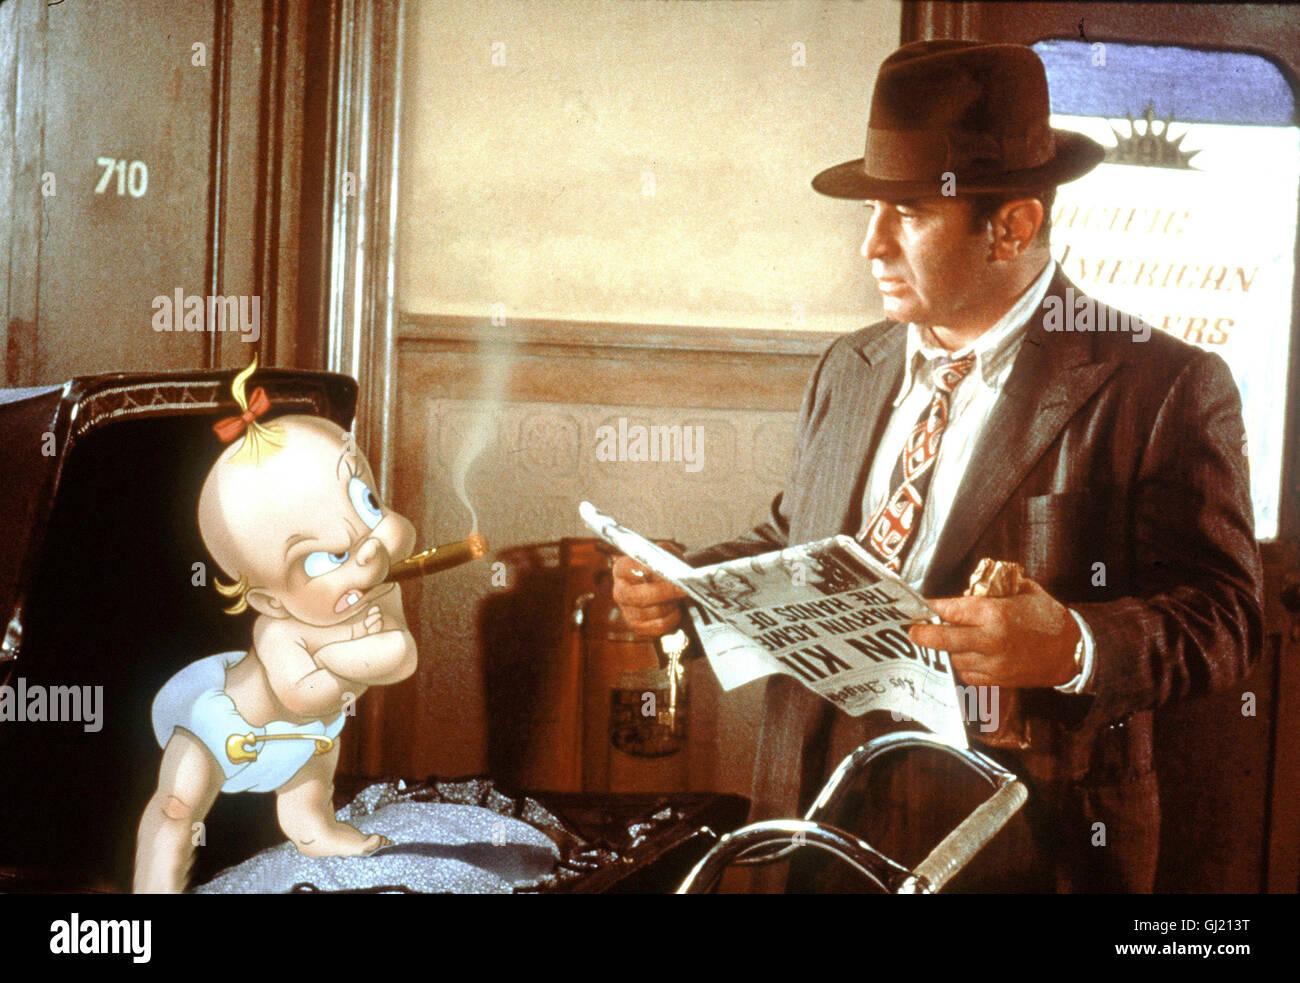 FALSCHES SPIEL MIT ROGER RABBIT - Im Bild: BABY HERMAN Sagt Eddie ...